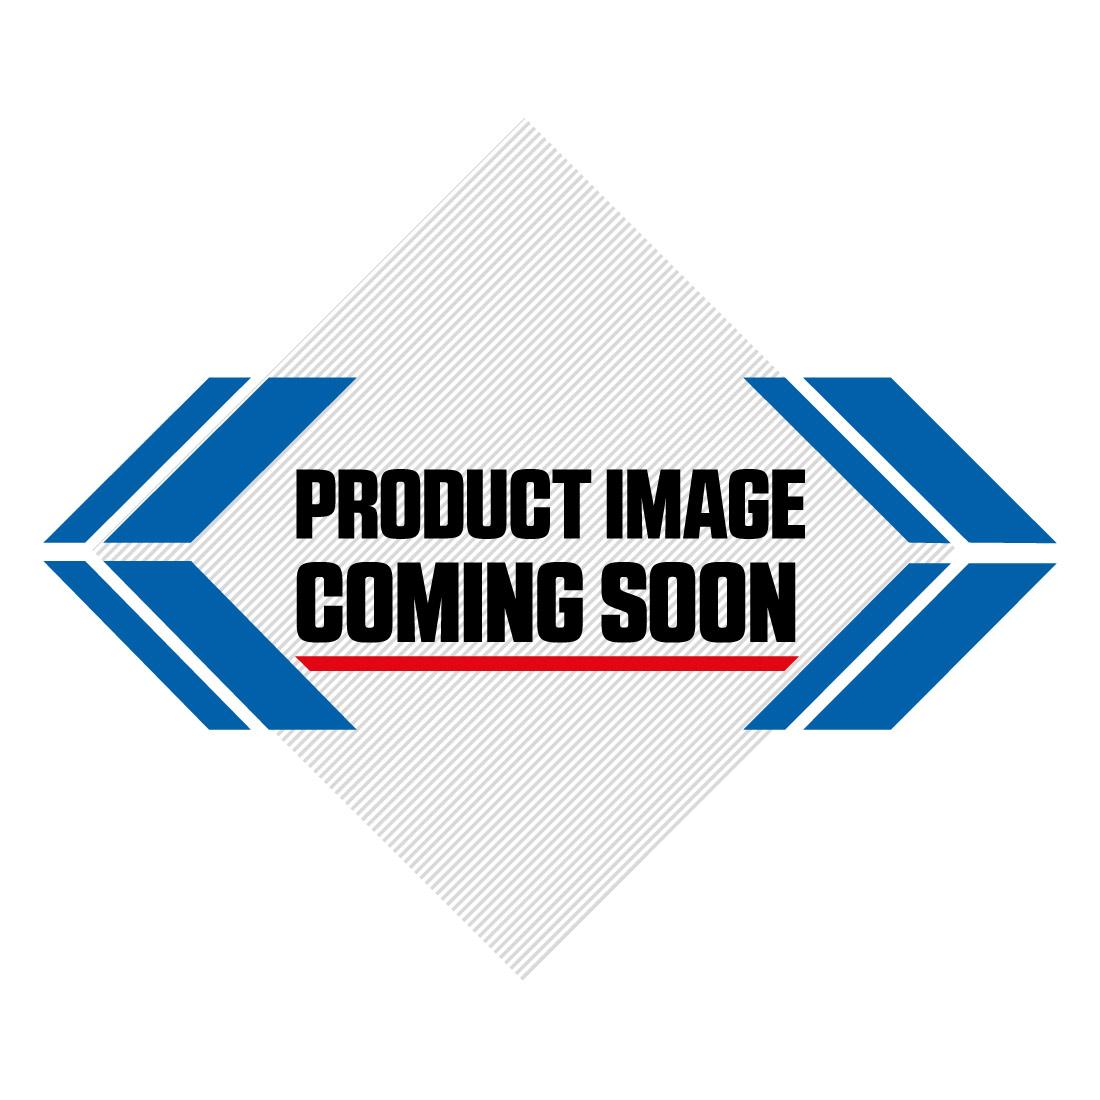 UFO KTM Plastic Kit SX 125 150 250 SXF 250 350 450 (16-18) Black Image-5>